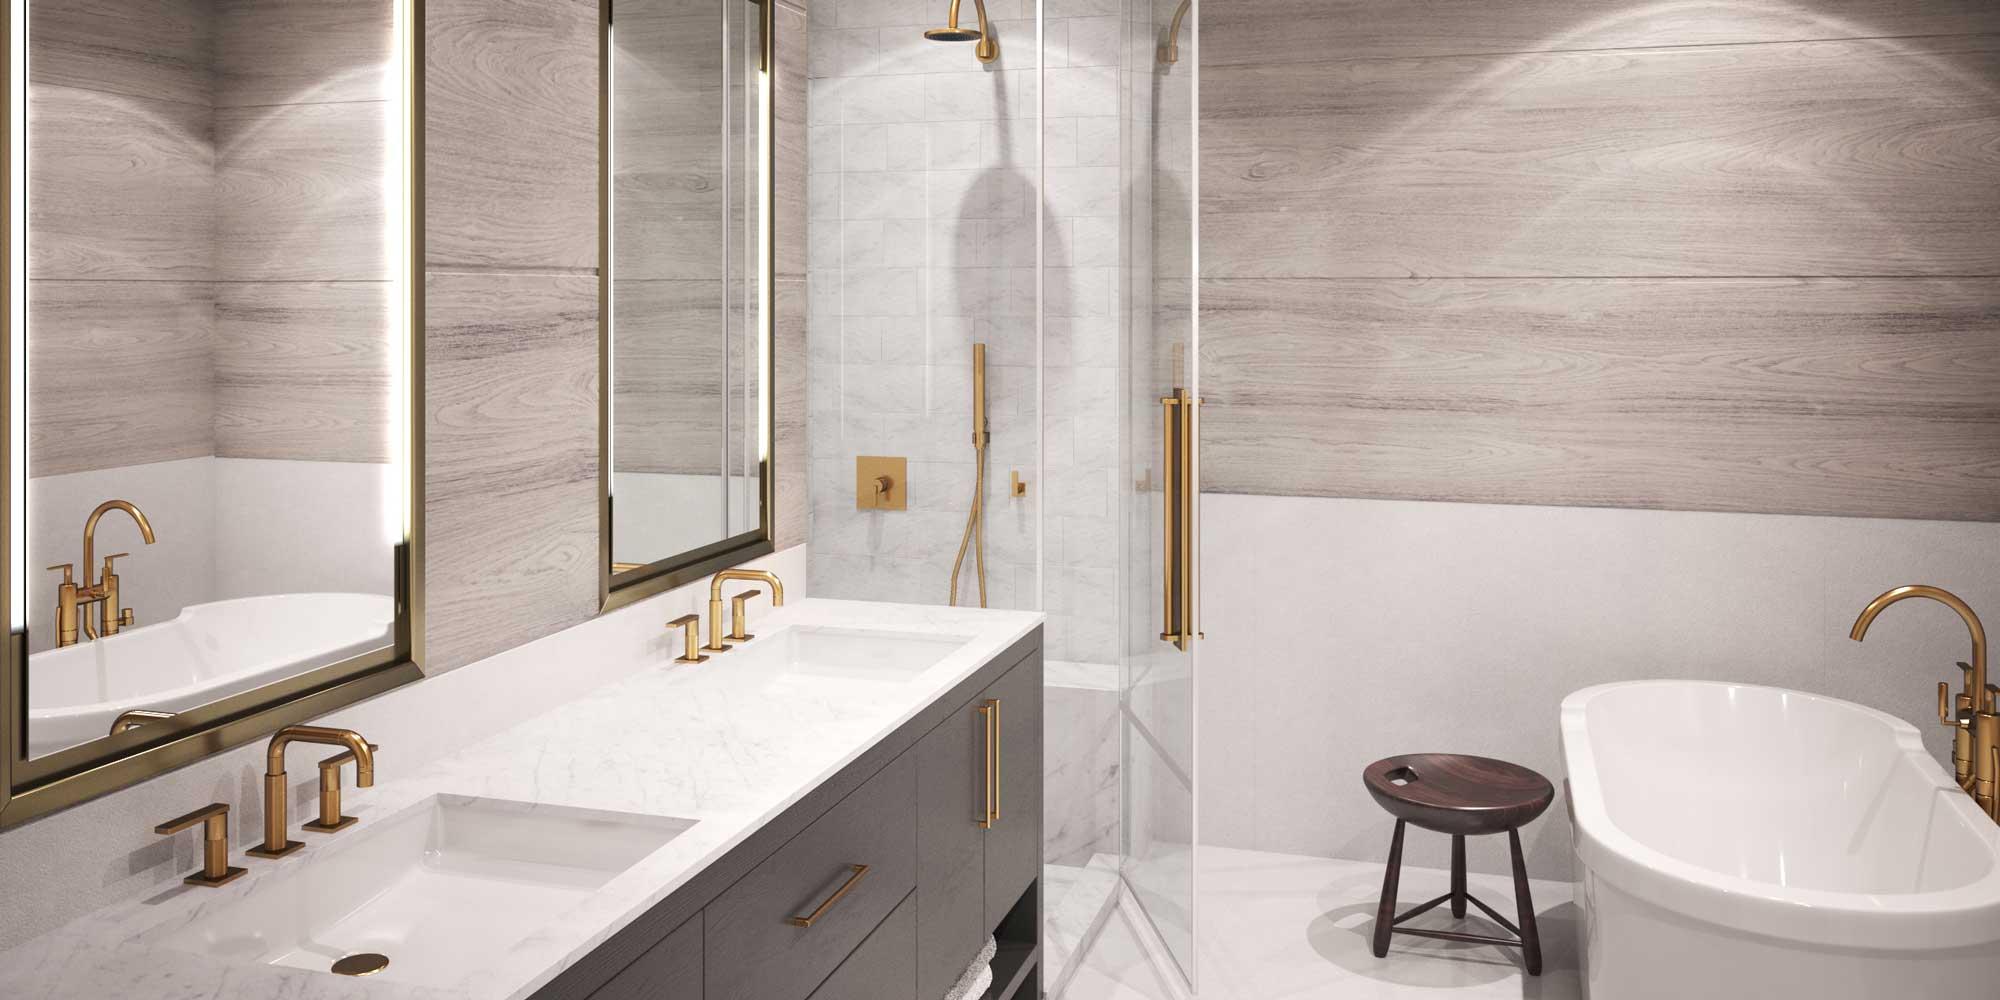 70 Rainey Luxury Condos - Bathroom